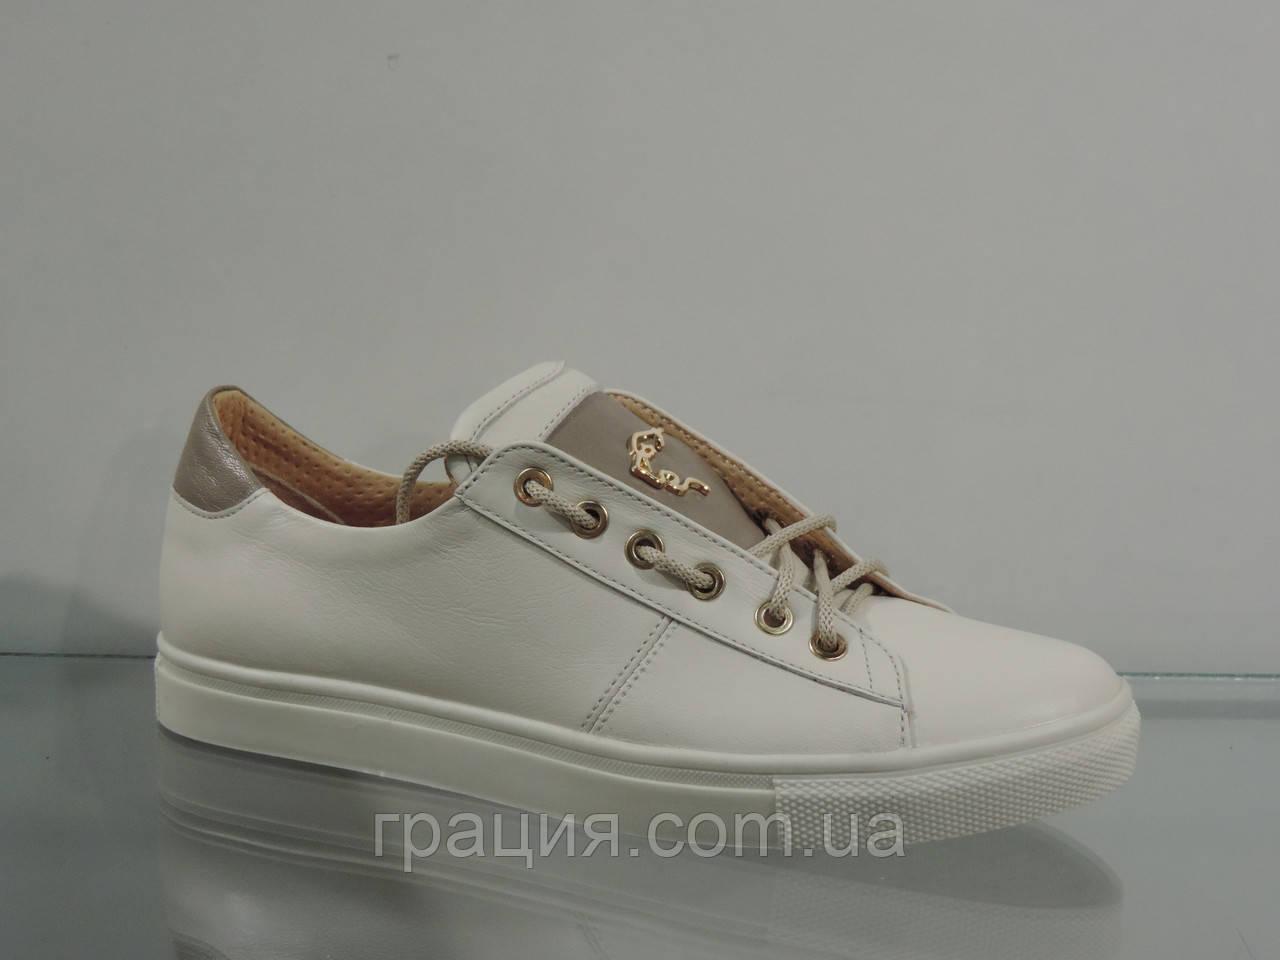 12b5eaab3 Модные женские кроссовки натуральная кожа: продажа, цена в Конотопе ...